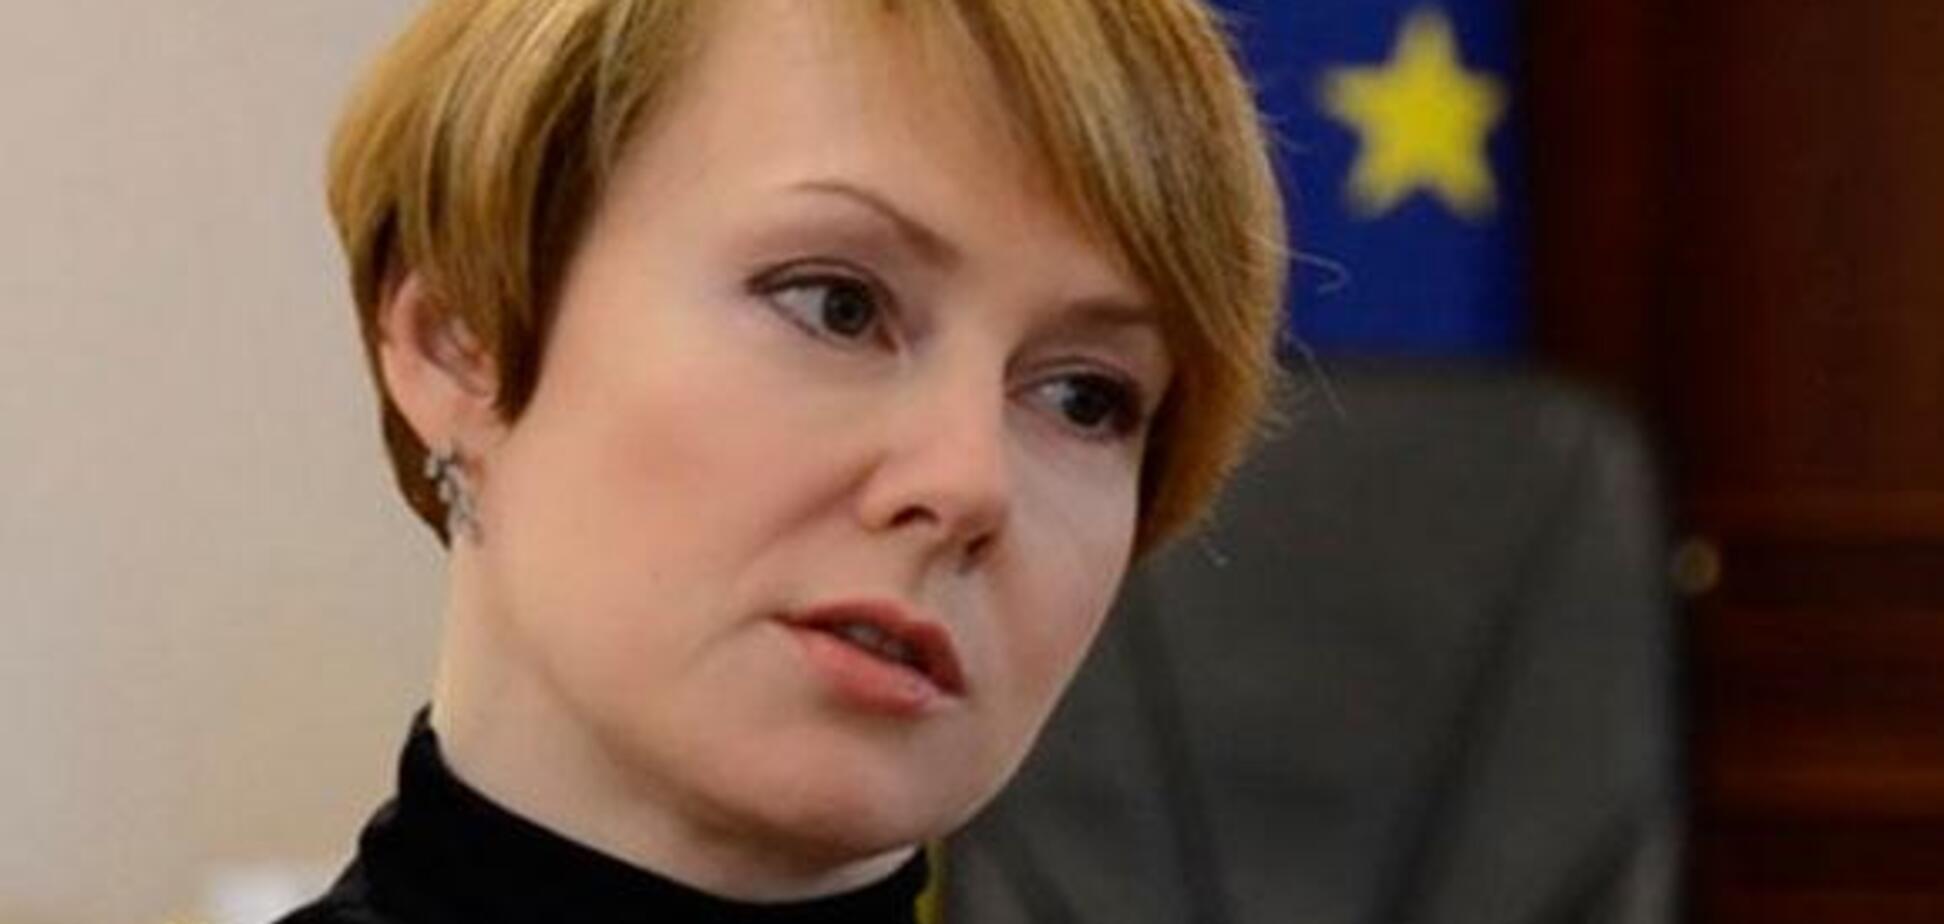 'Красива і, головне, розумна': через заступника глави МЗС України трапився скандал